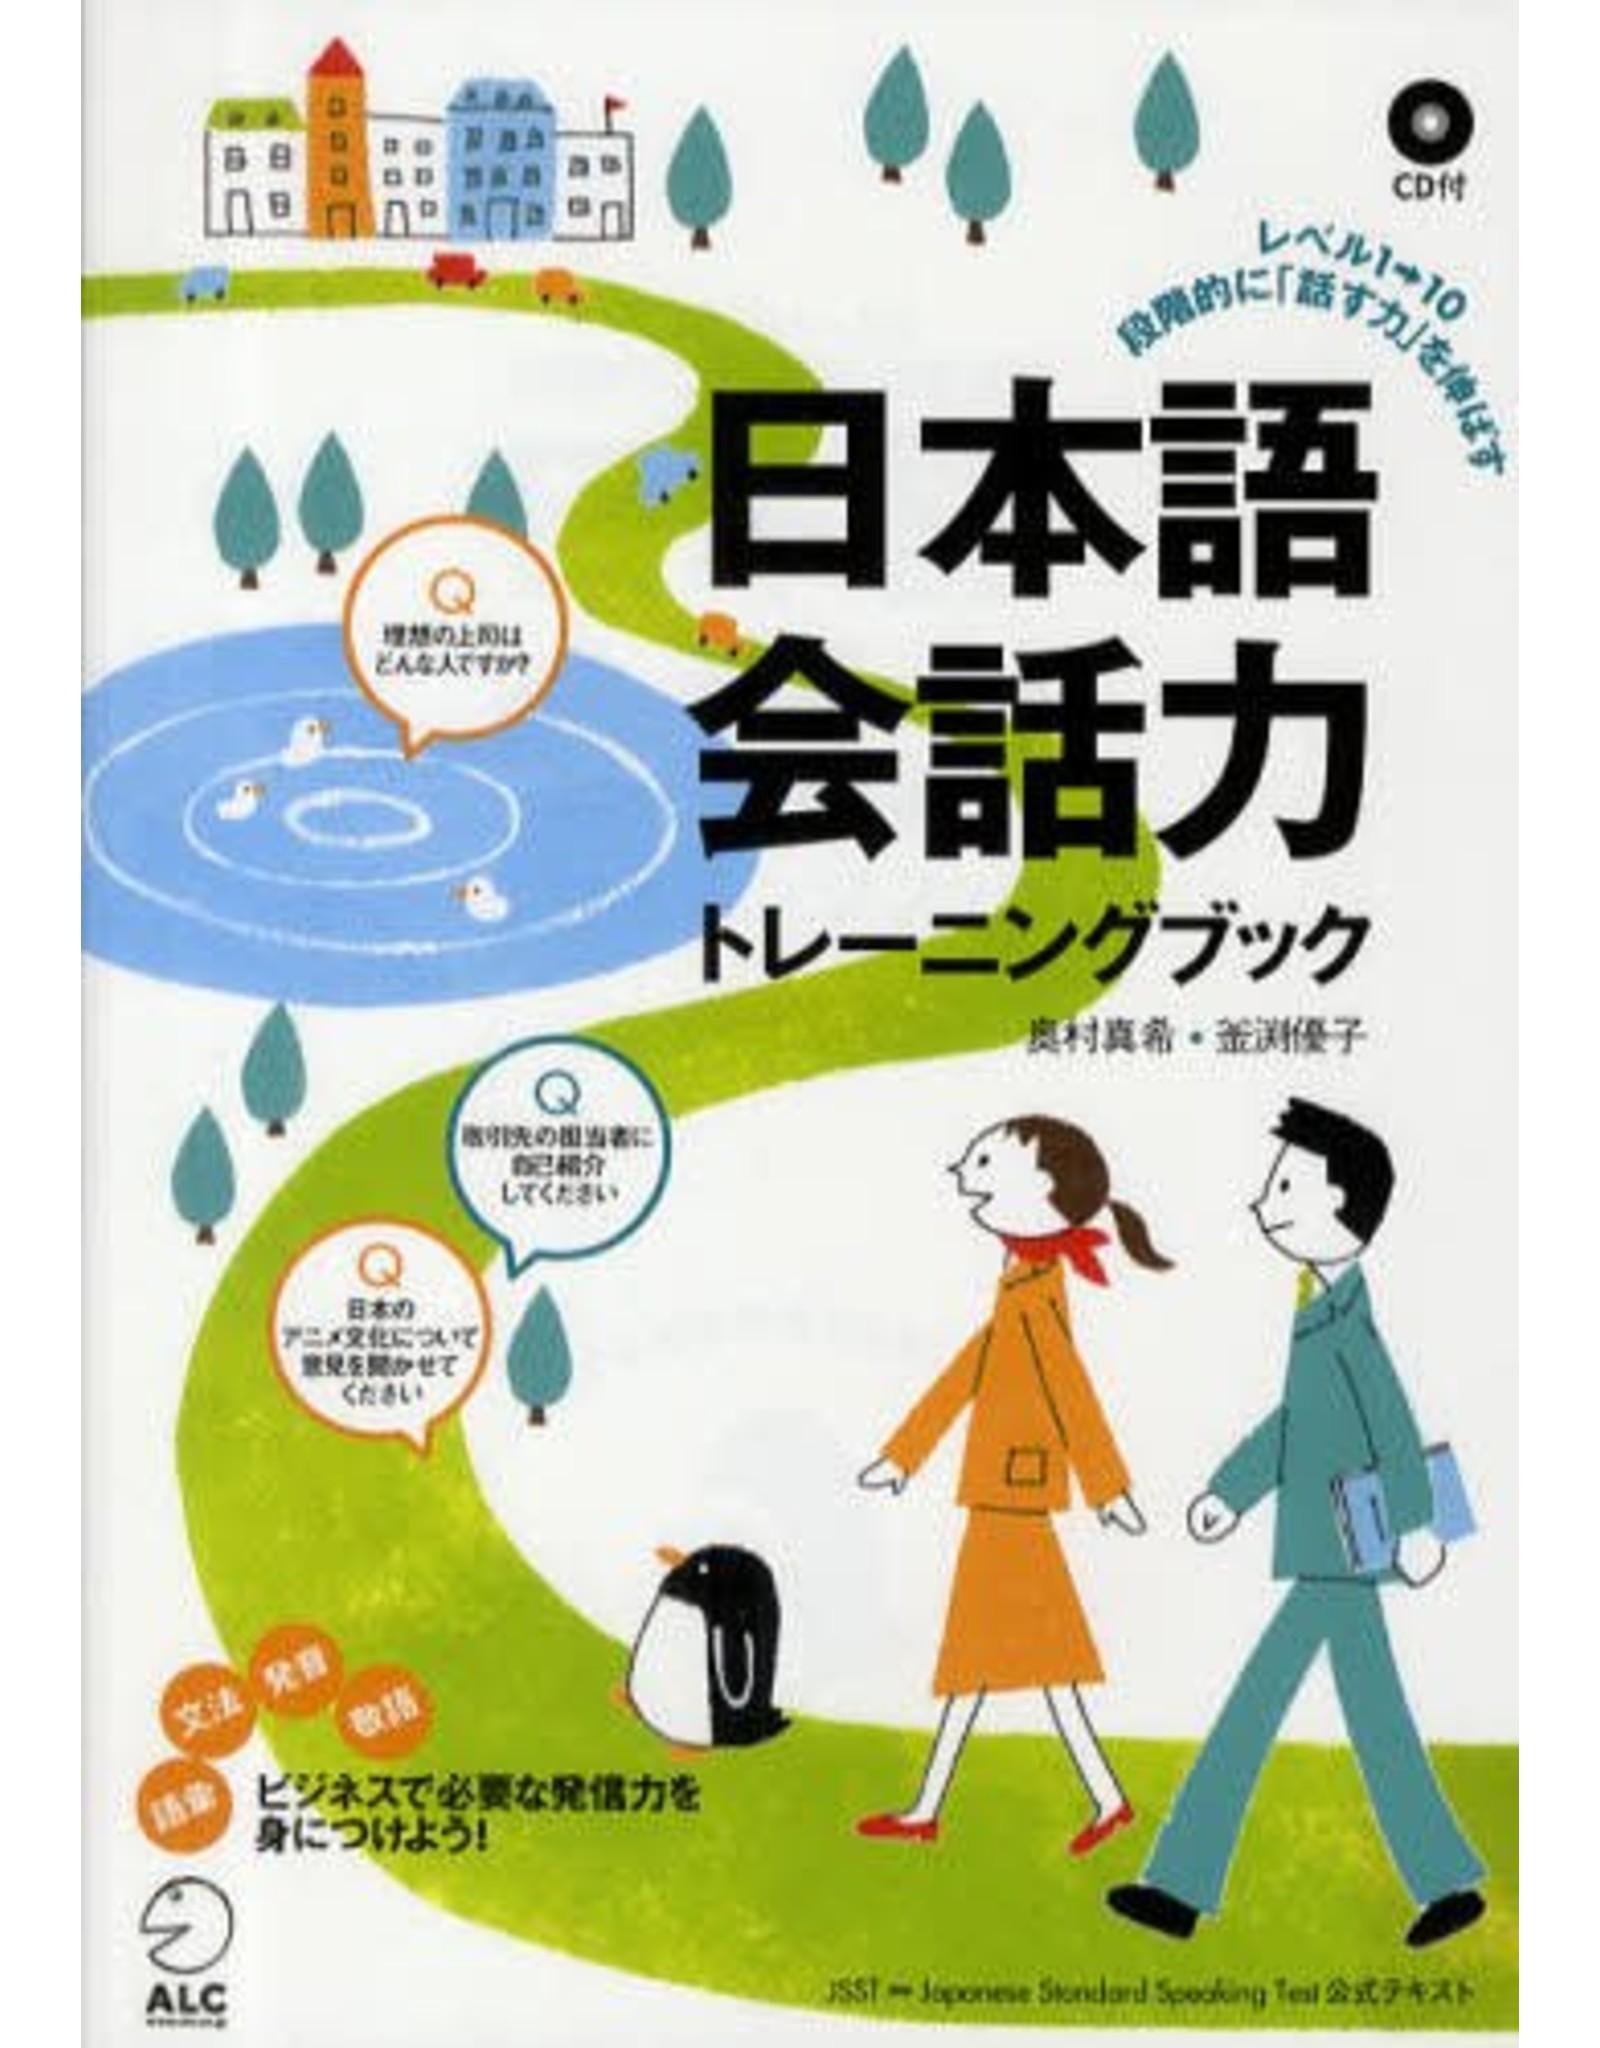 ALC NIHONGO KAIWARYOKU TRAINING BOOK : BUSINESS DE HITSUYO NA HASSHINRYOKU WO MI NI TSUKEYO : LEVEL1 - 10 DANKAITEKI NI HANASU CHIKARA WO NOBASU